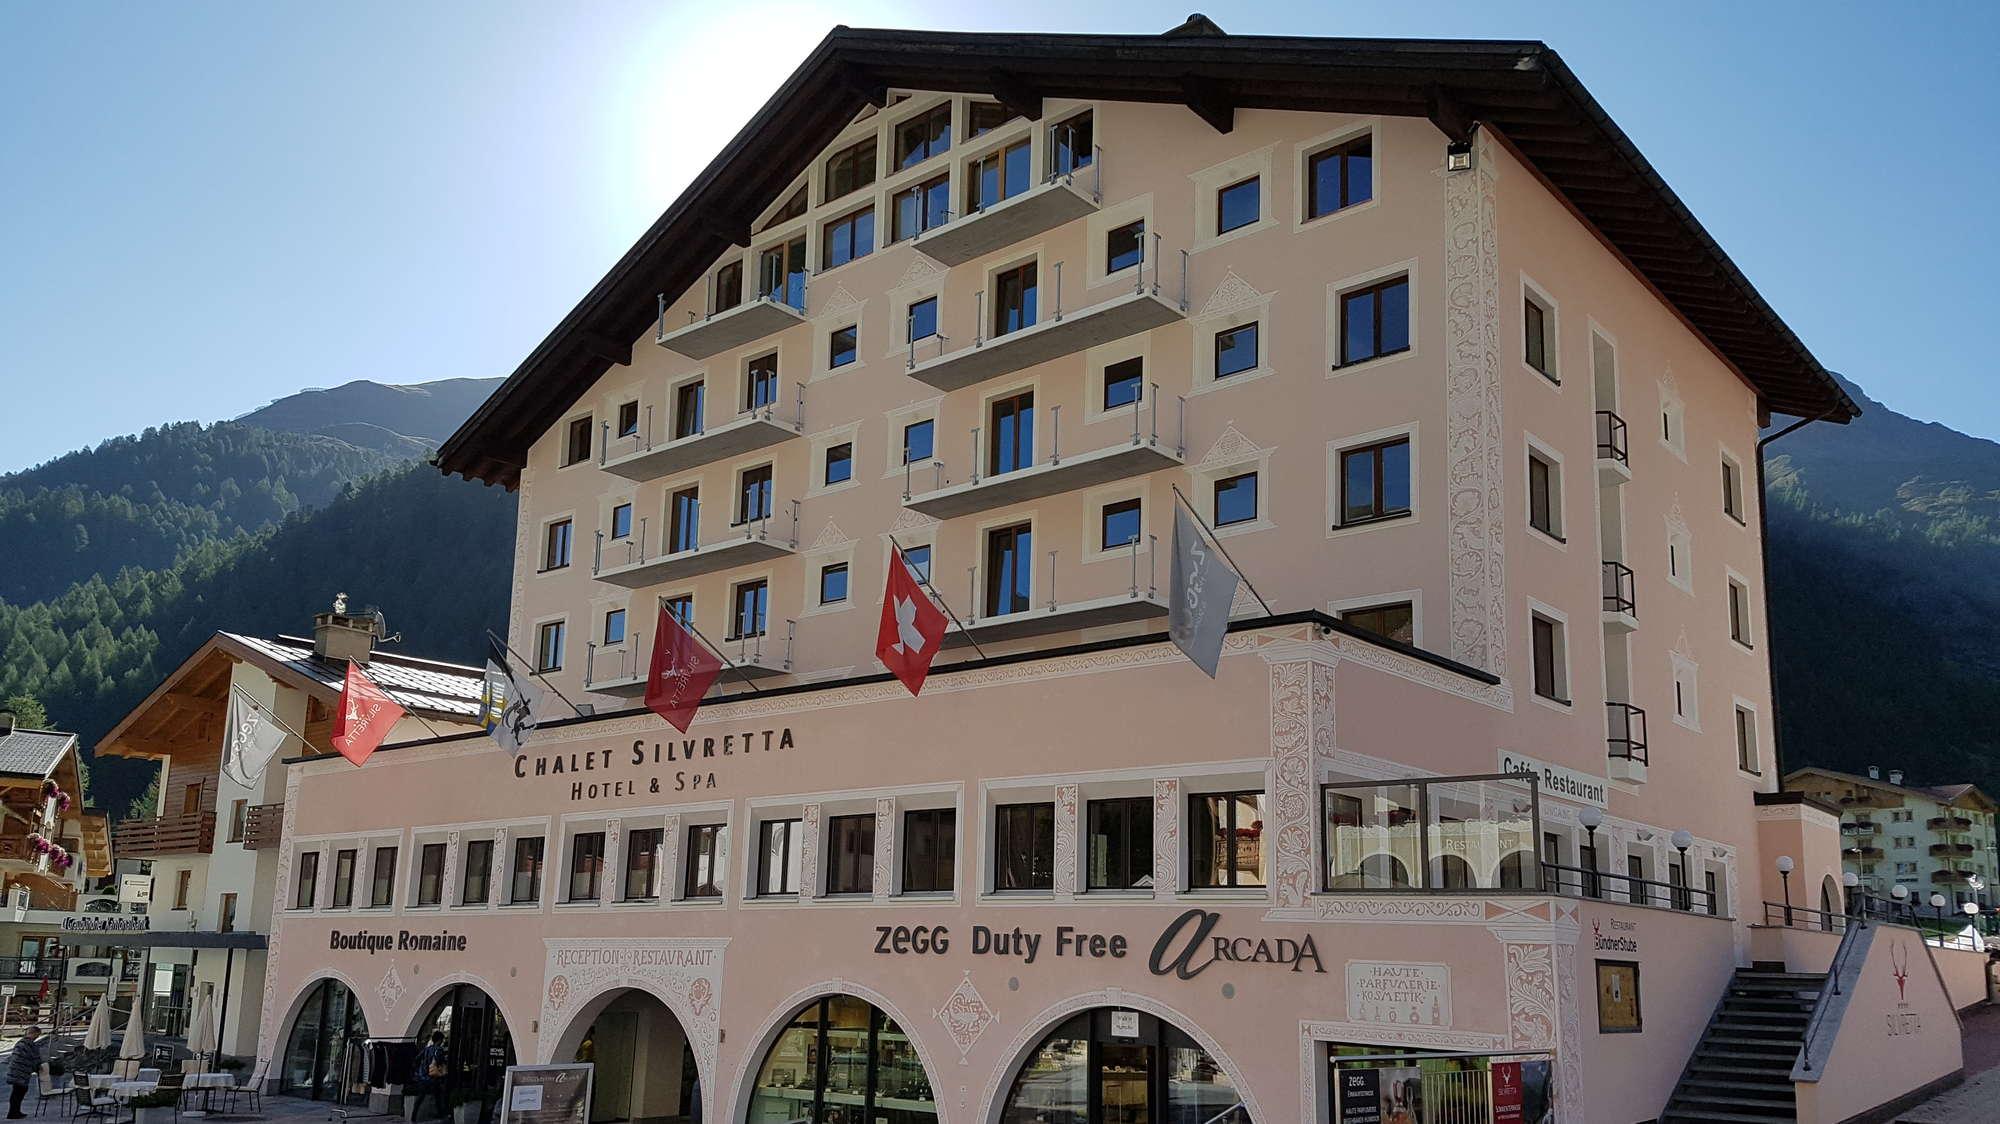 Bildergalerie Hotel Chalet Silvretta Hotel Spa